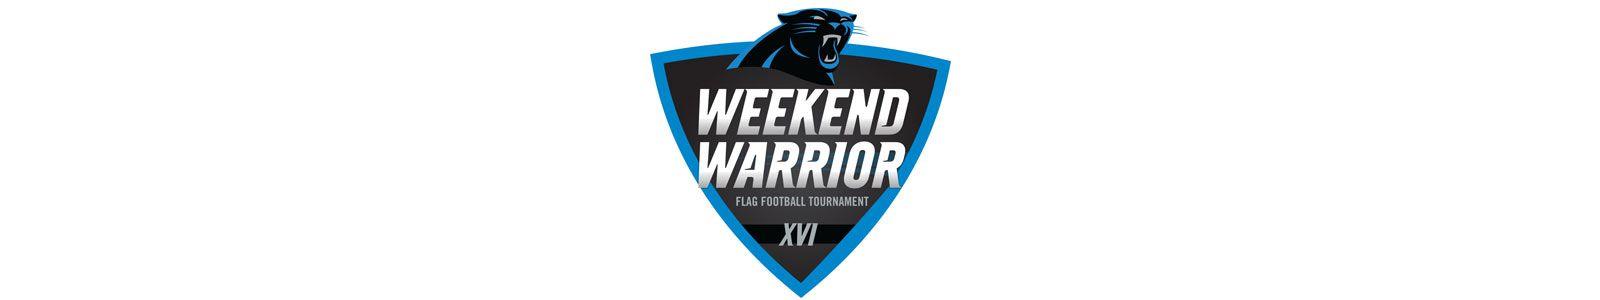 weekend_warrior-banner